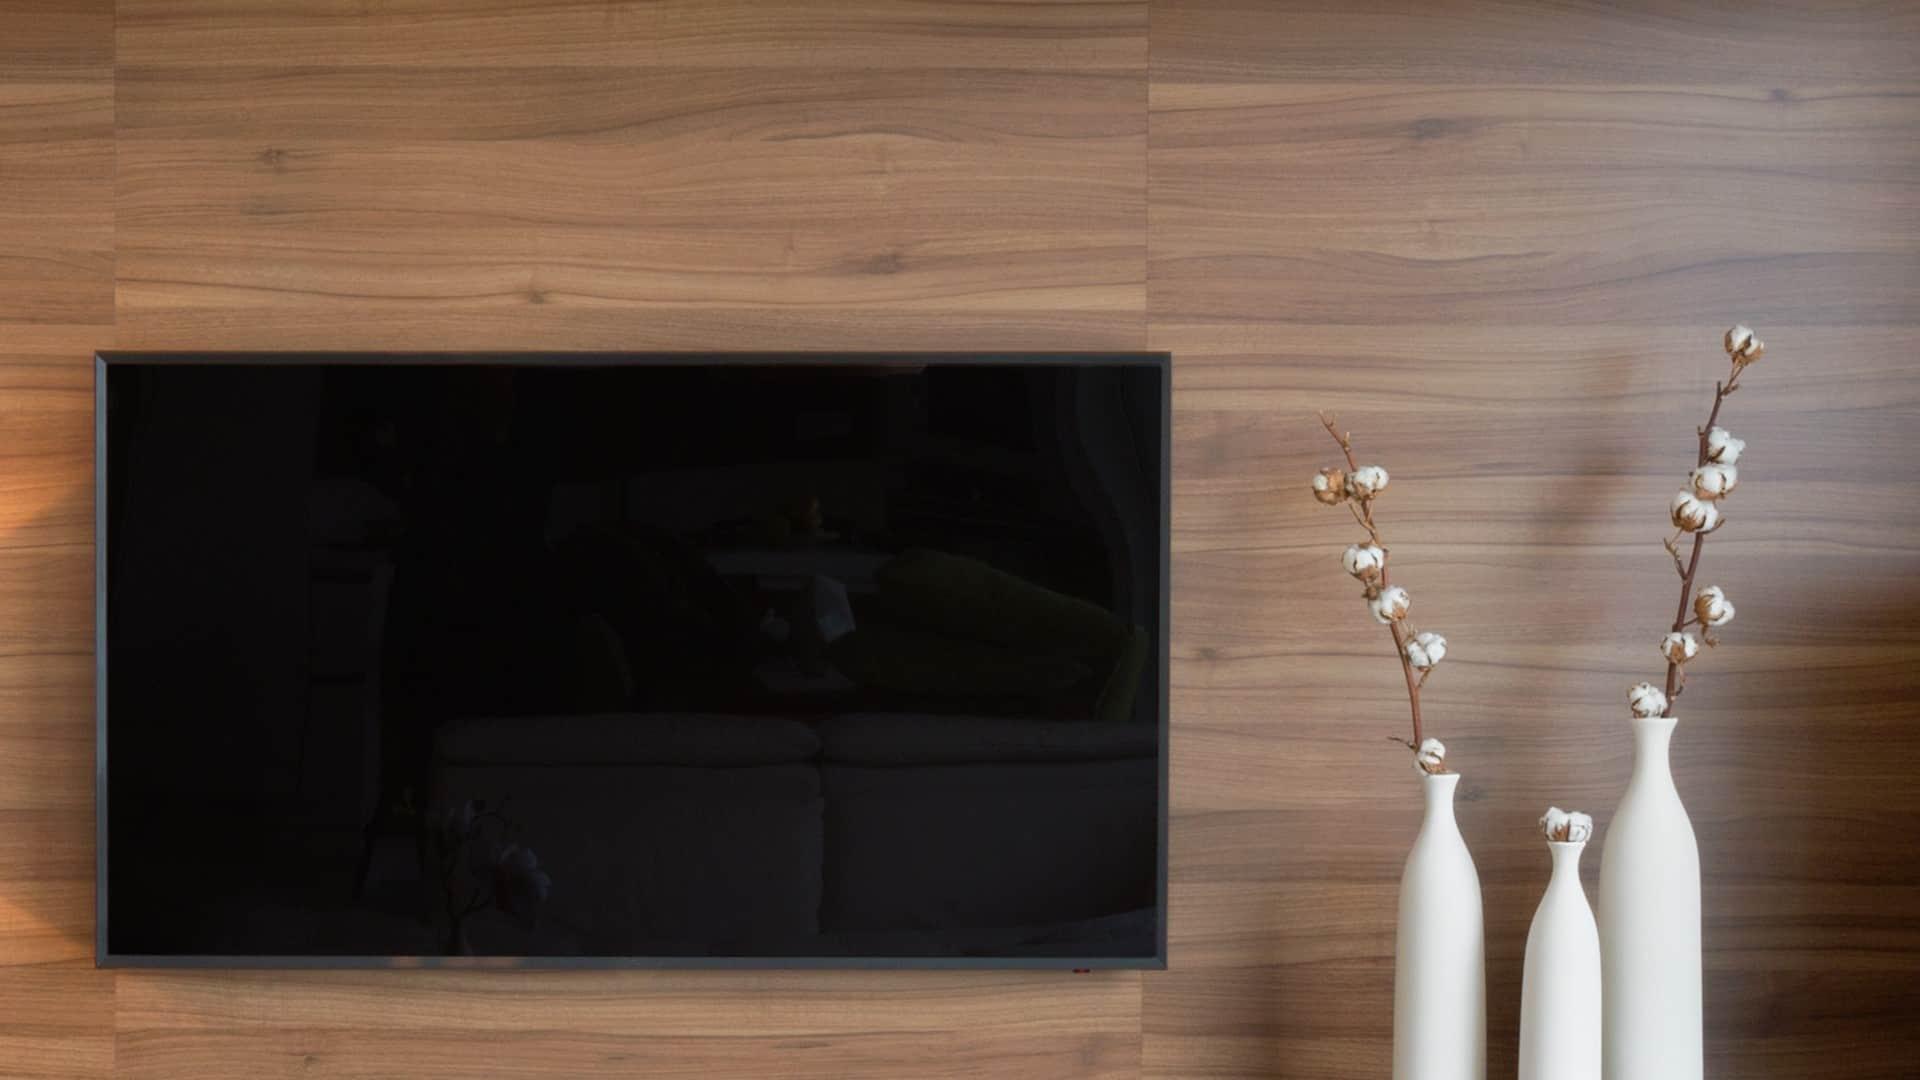 Miglior smart TV 2021: Guida all'acquisto